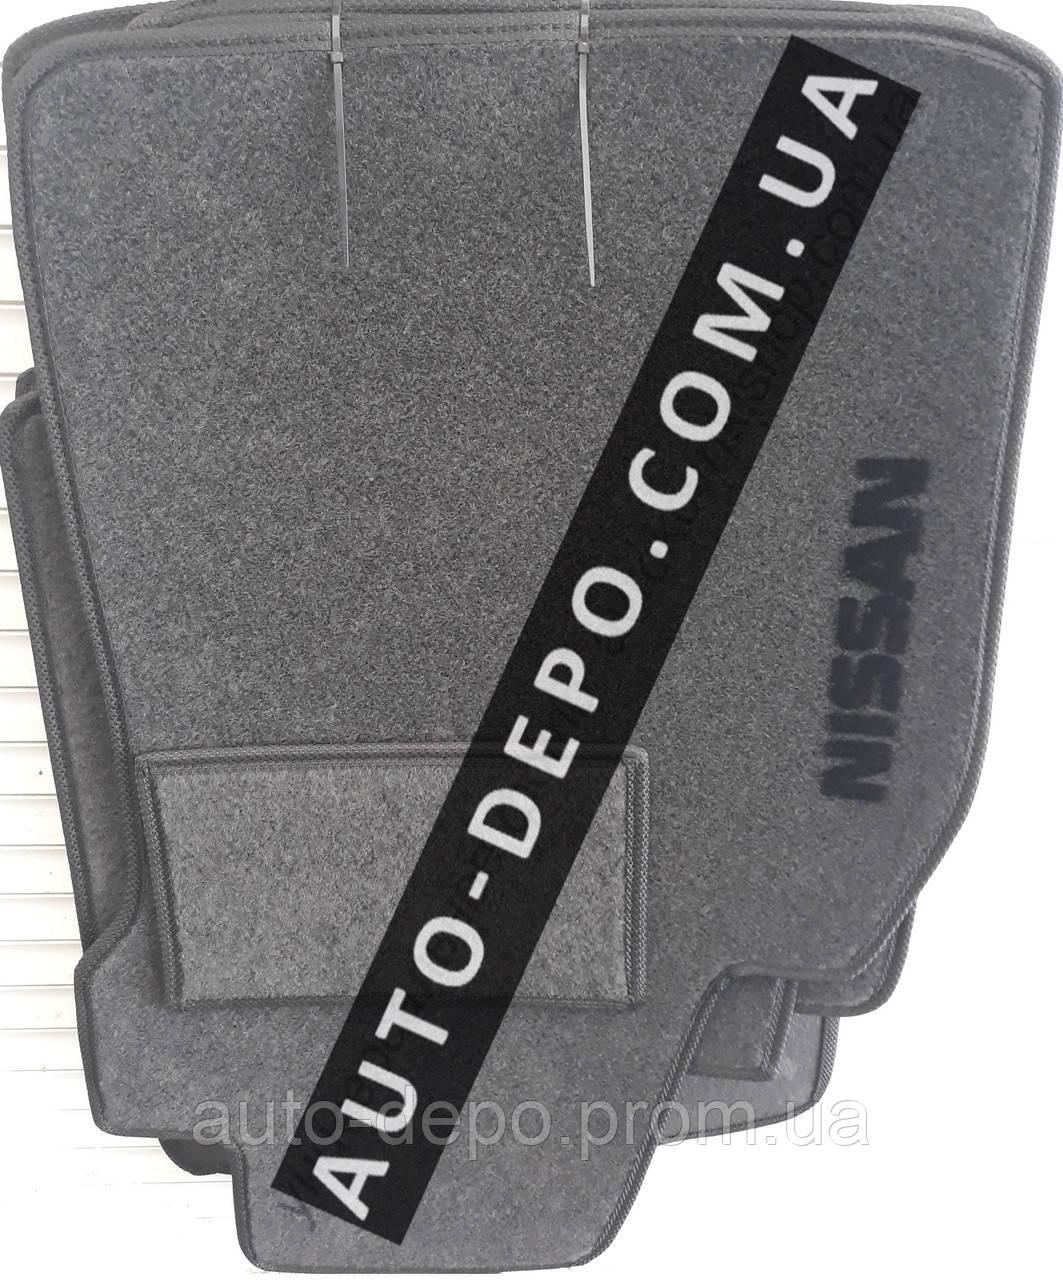 Килимки ворсові Nissan Teana (J31) 2005 - VIP ЛЮКС АВТО-ВОРС